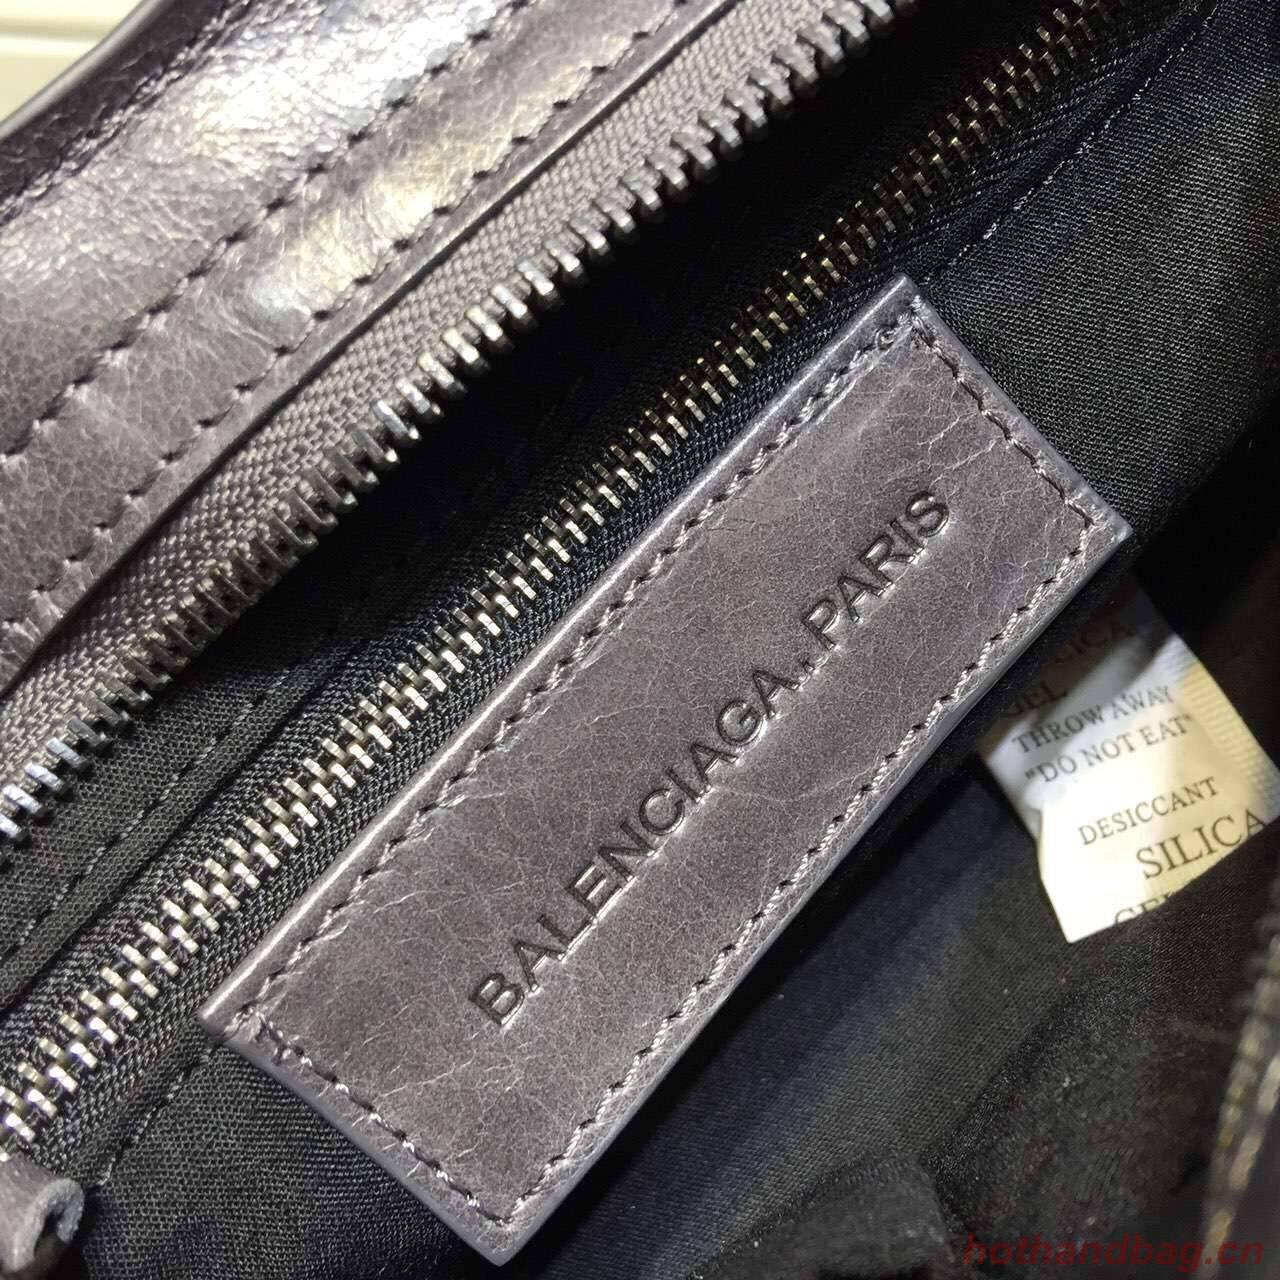 Balenciaga The City Handbag 084332 GREY